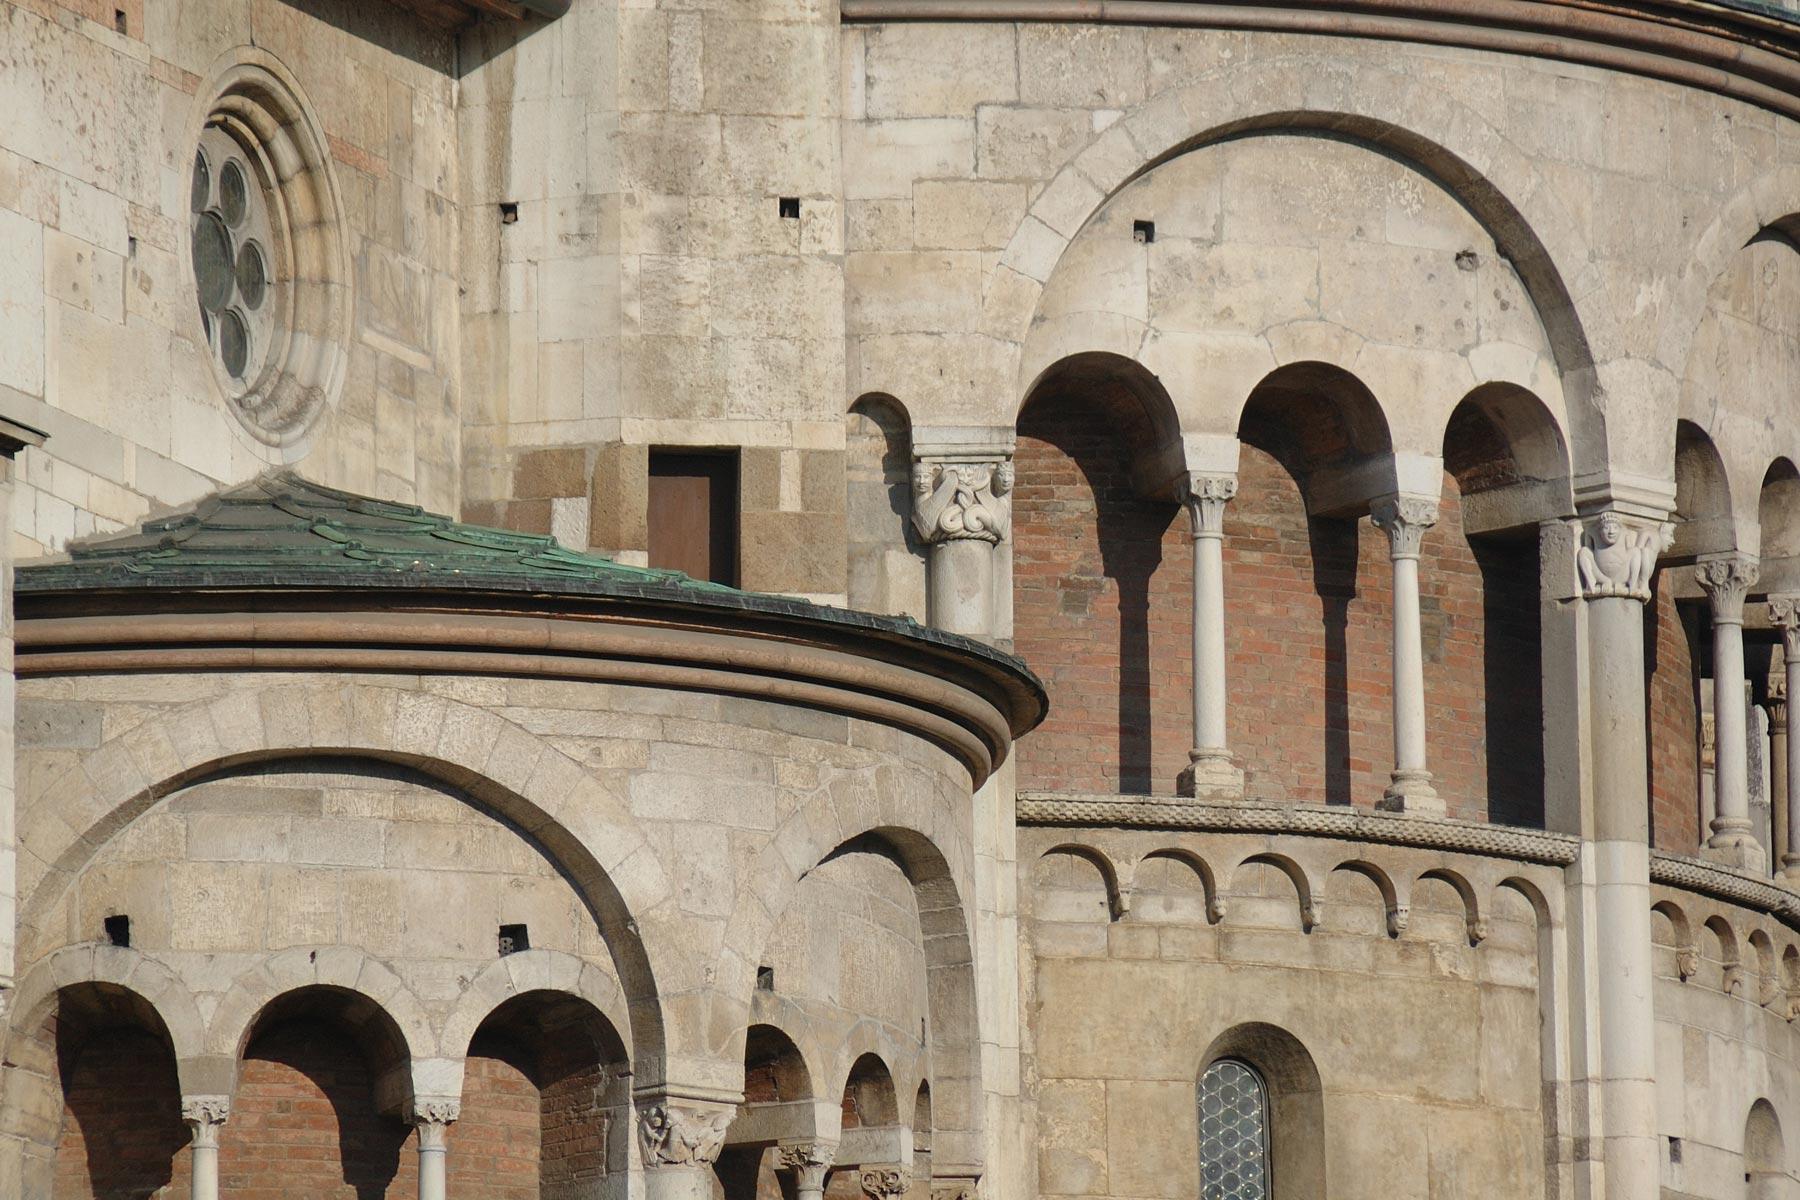 Der Dom von Modena